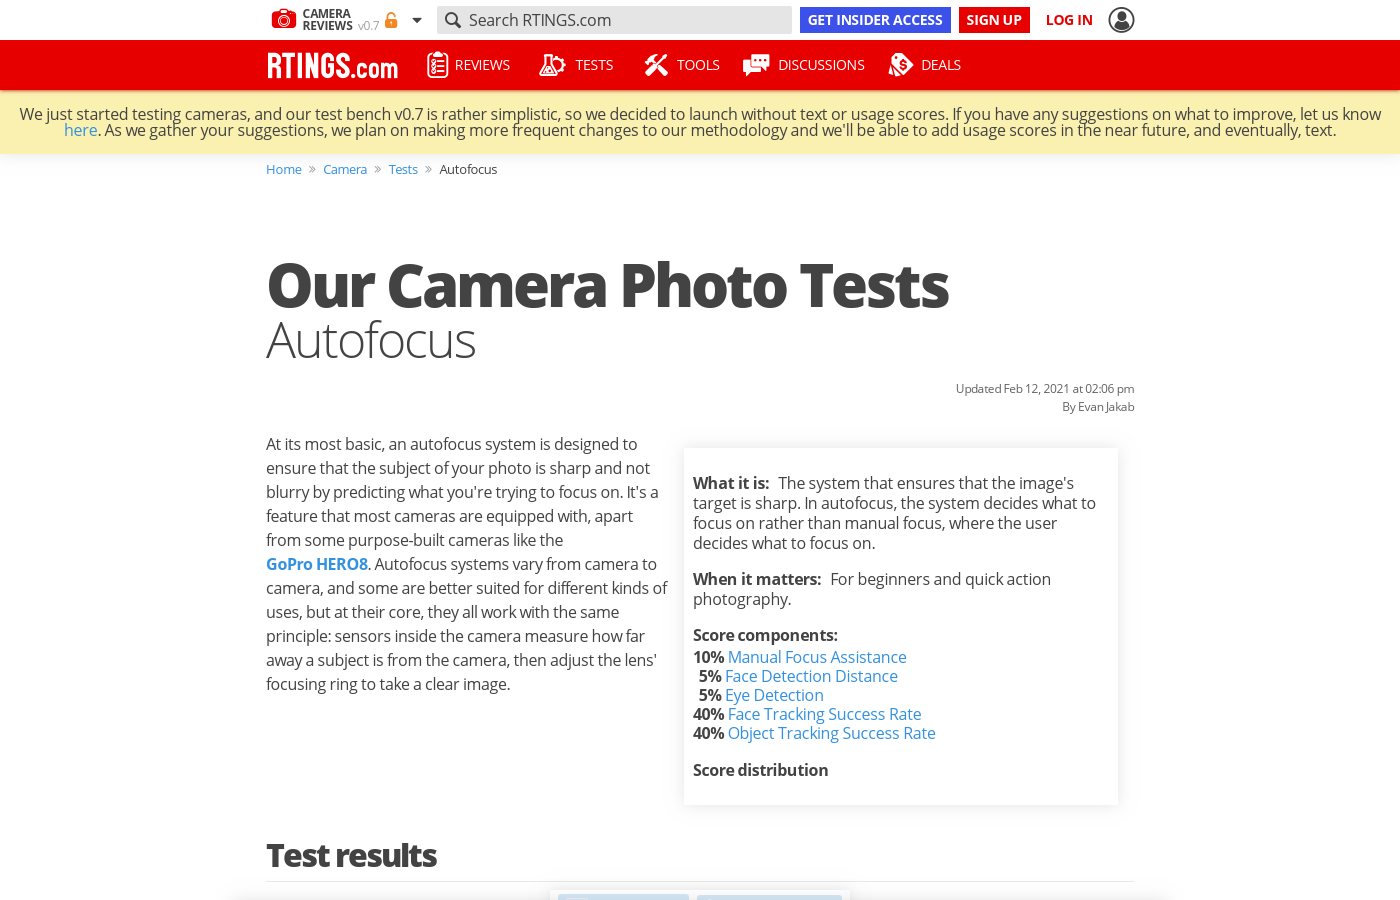 Our Camera Photo Tests: Autofocus